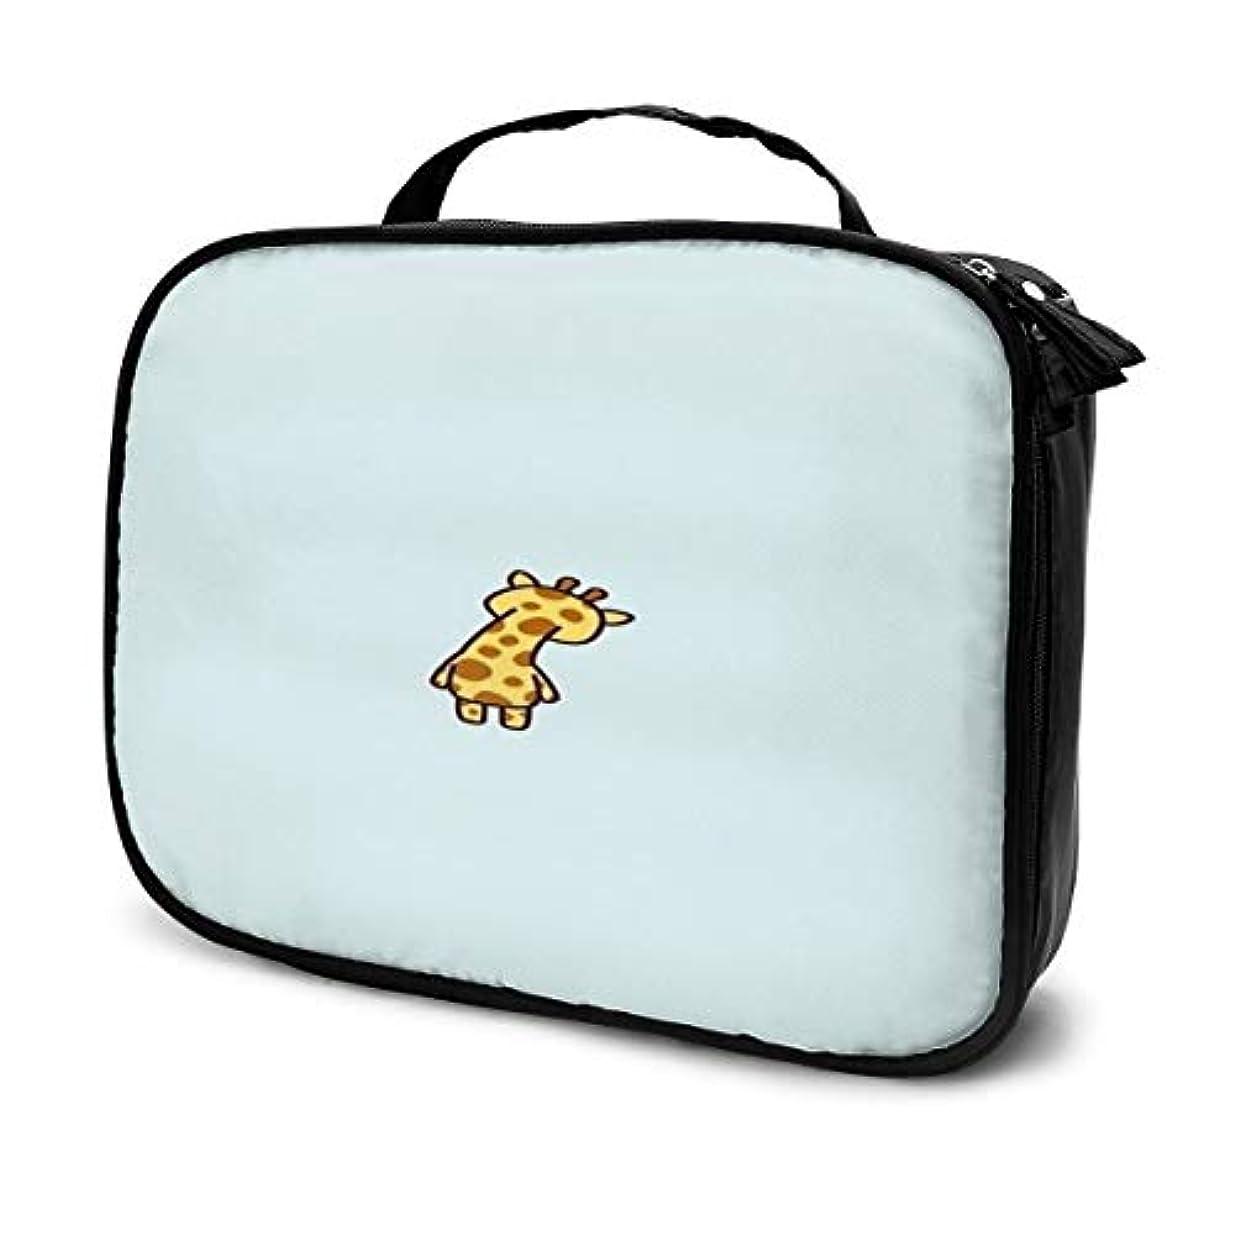 できないキャンプヘビーDaituキリン 化粧品袋の女性旅行バッグ収納大容量防水アクセサリー旅行